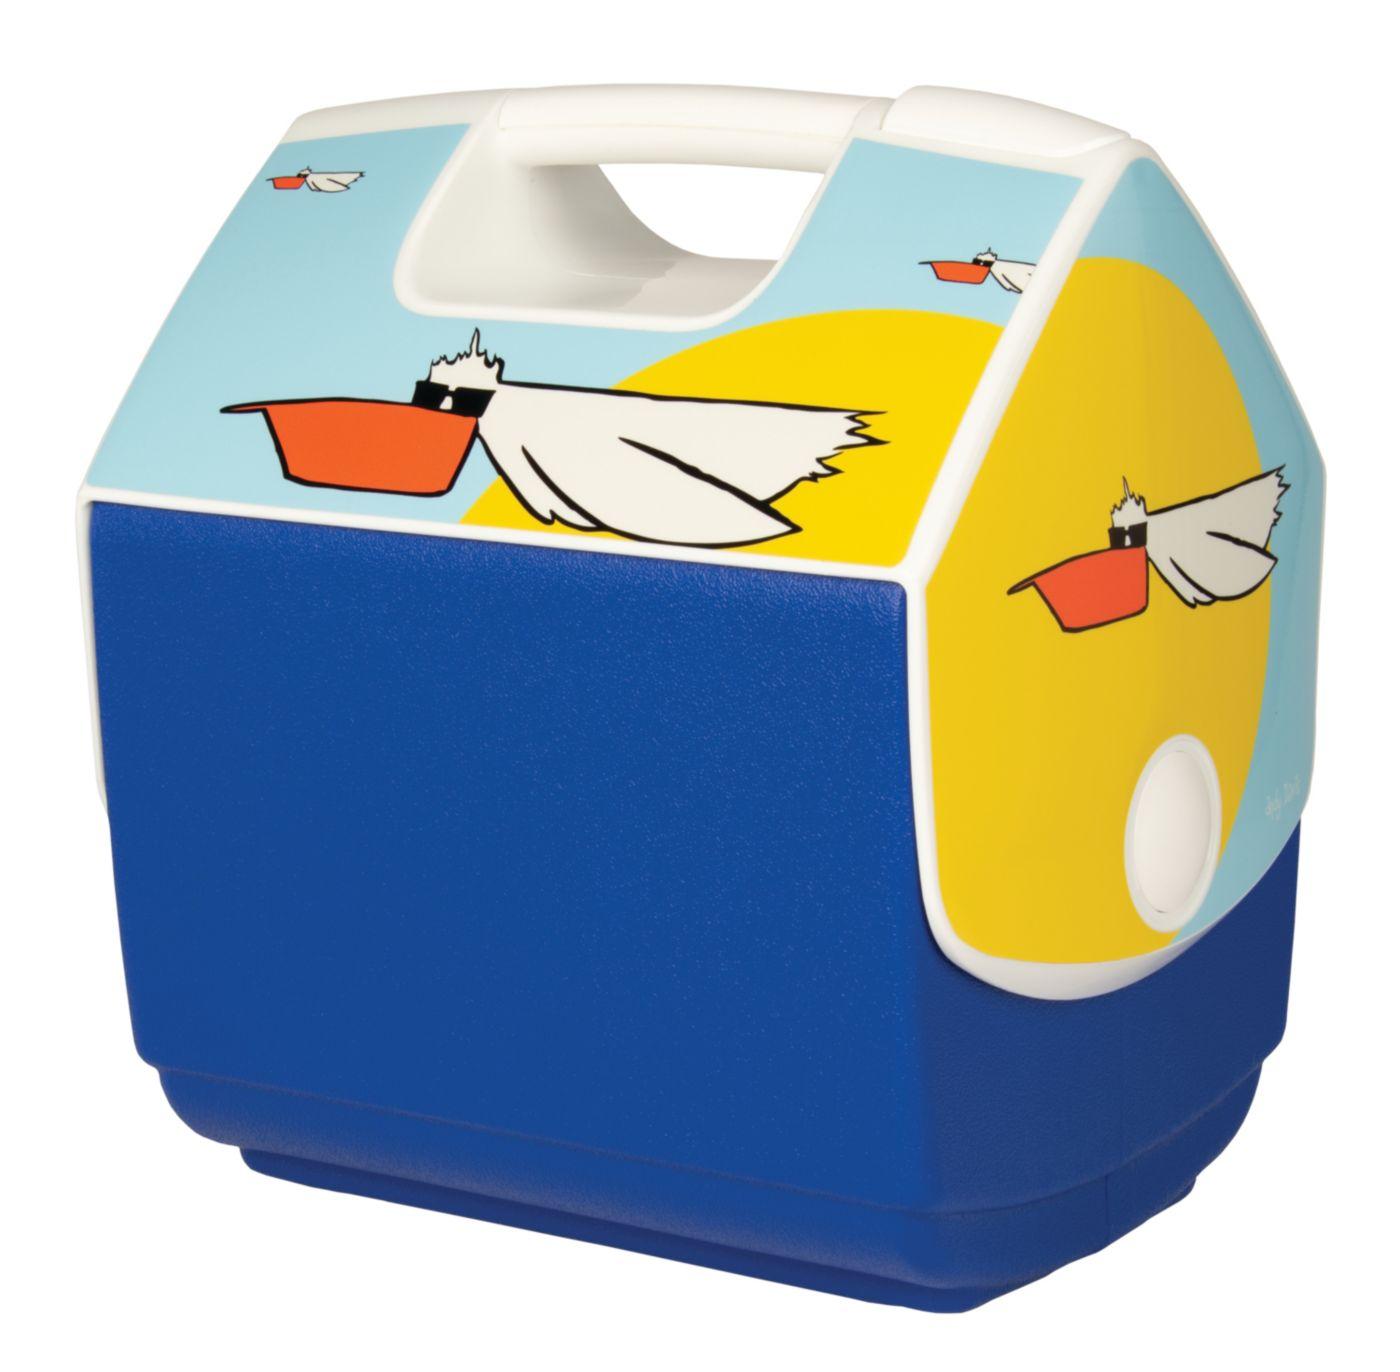 Igloo Playmate Pal Sea Bird 7 Quart Cooler